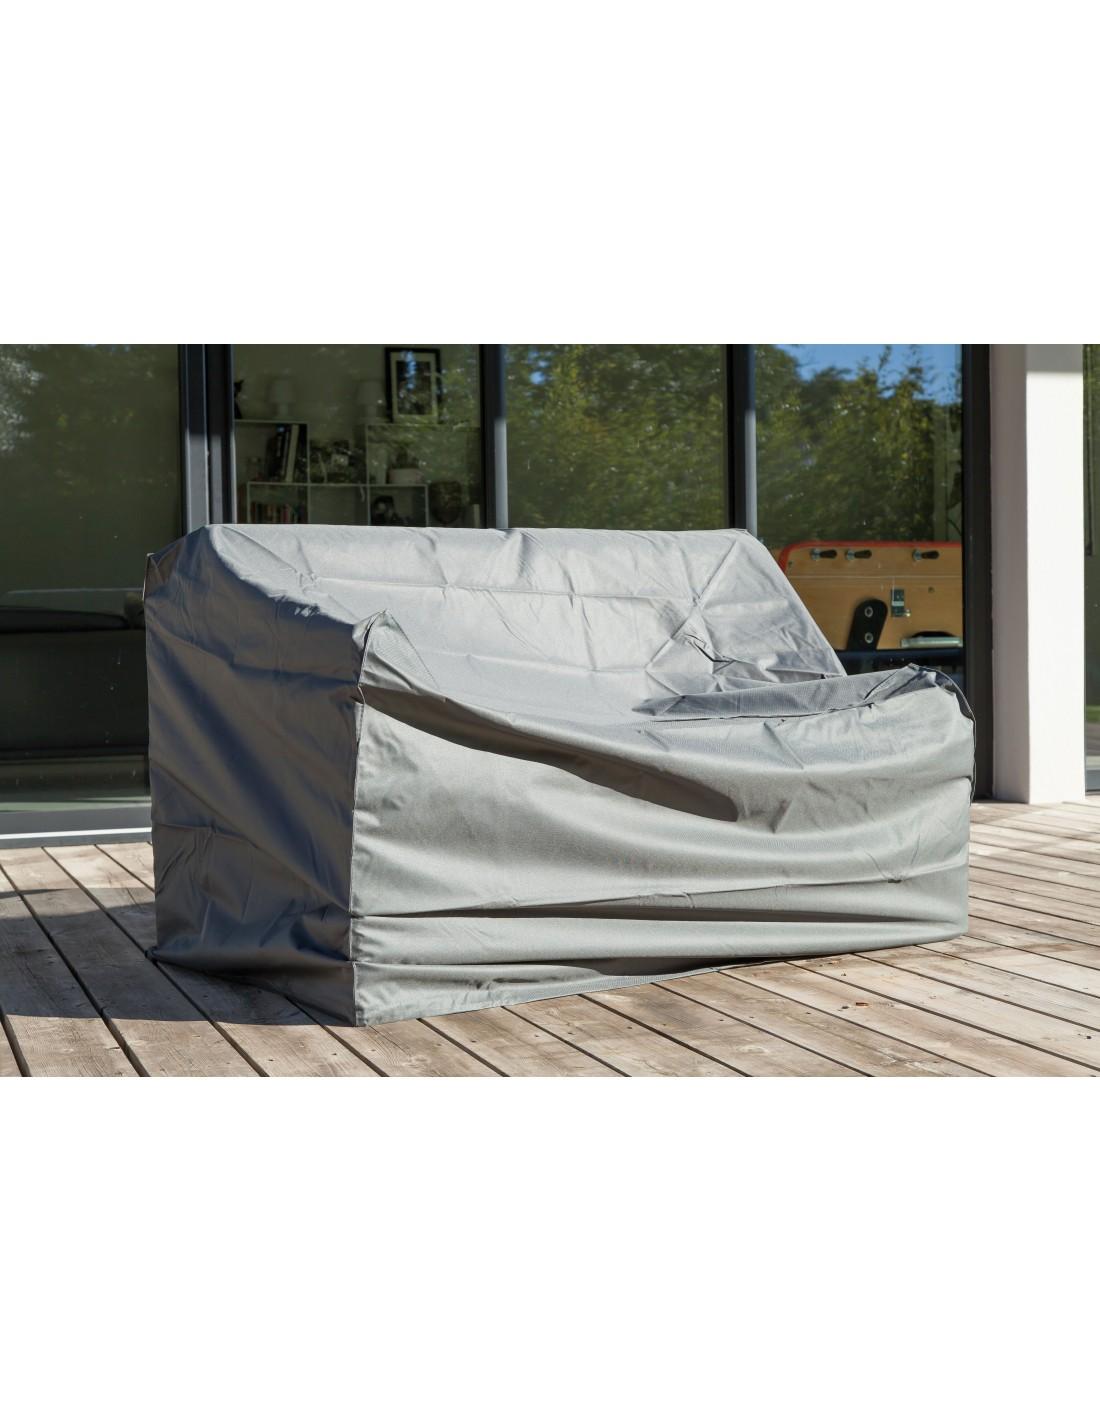 housse pour canap 2 places en polyester et pvc proloisirs. Black Bedroom Furniture Sets. Home Design Ideas